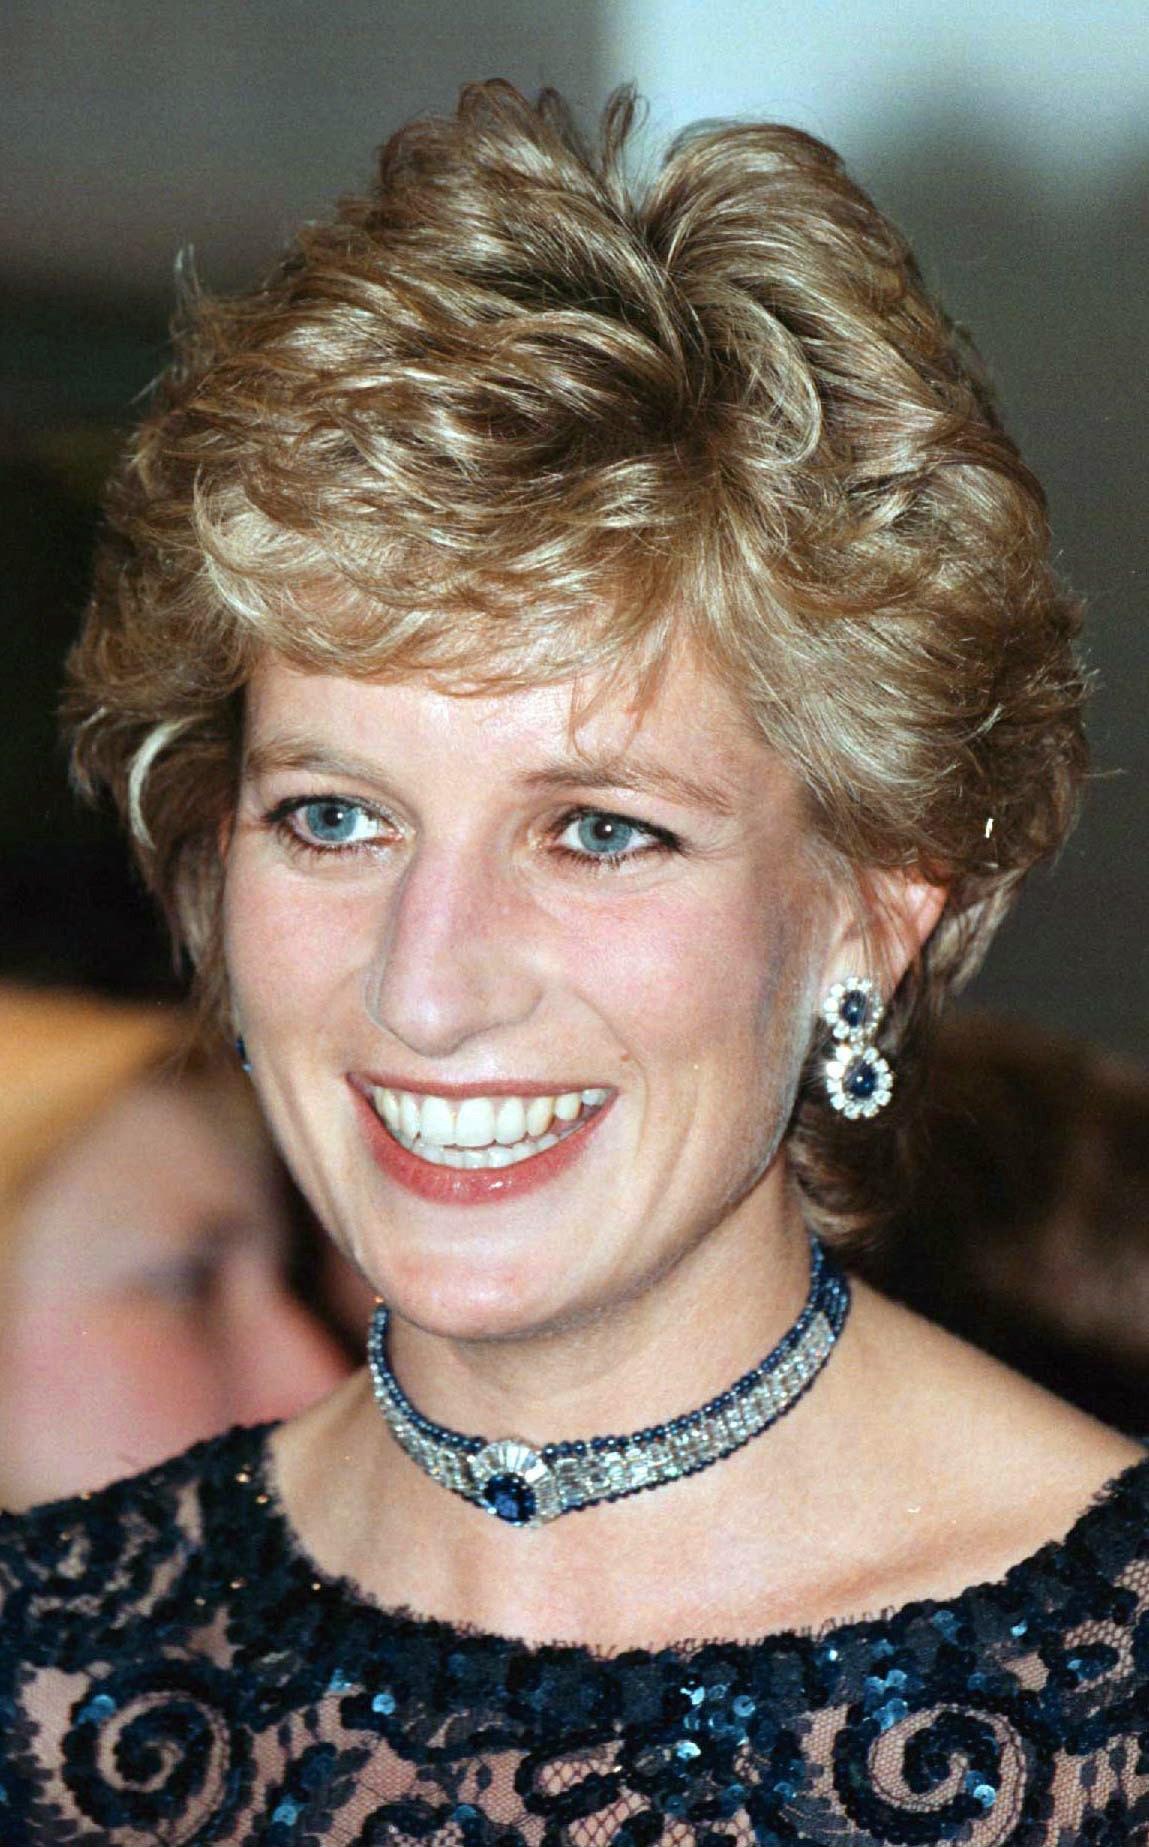 Princesse Diana souriante ROYAUME-UNI - 03 JUIN : PRINCESSE DU PAYS DE GALLES À CARDIFF, PAYS DE GALLES (Photo par Tim Graham Photo Library via Getty Images)